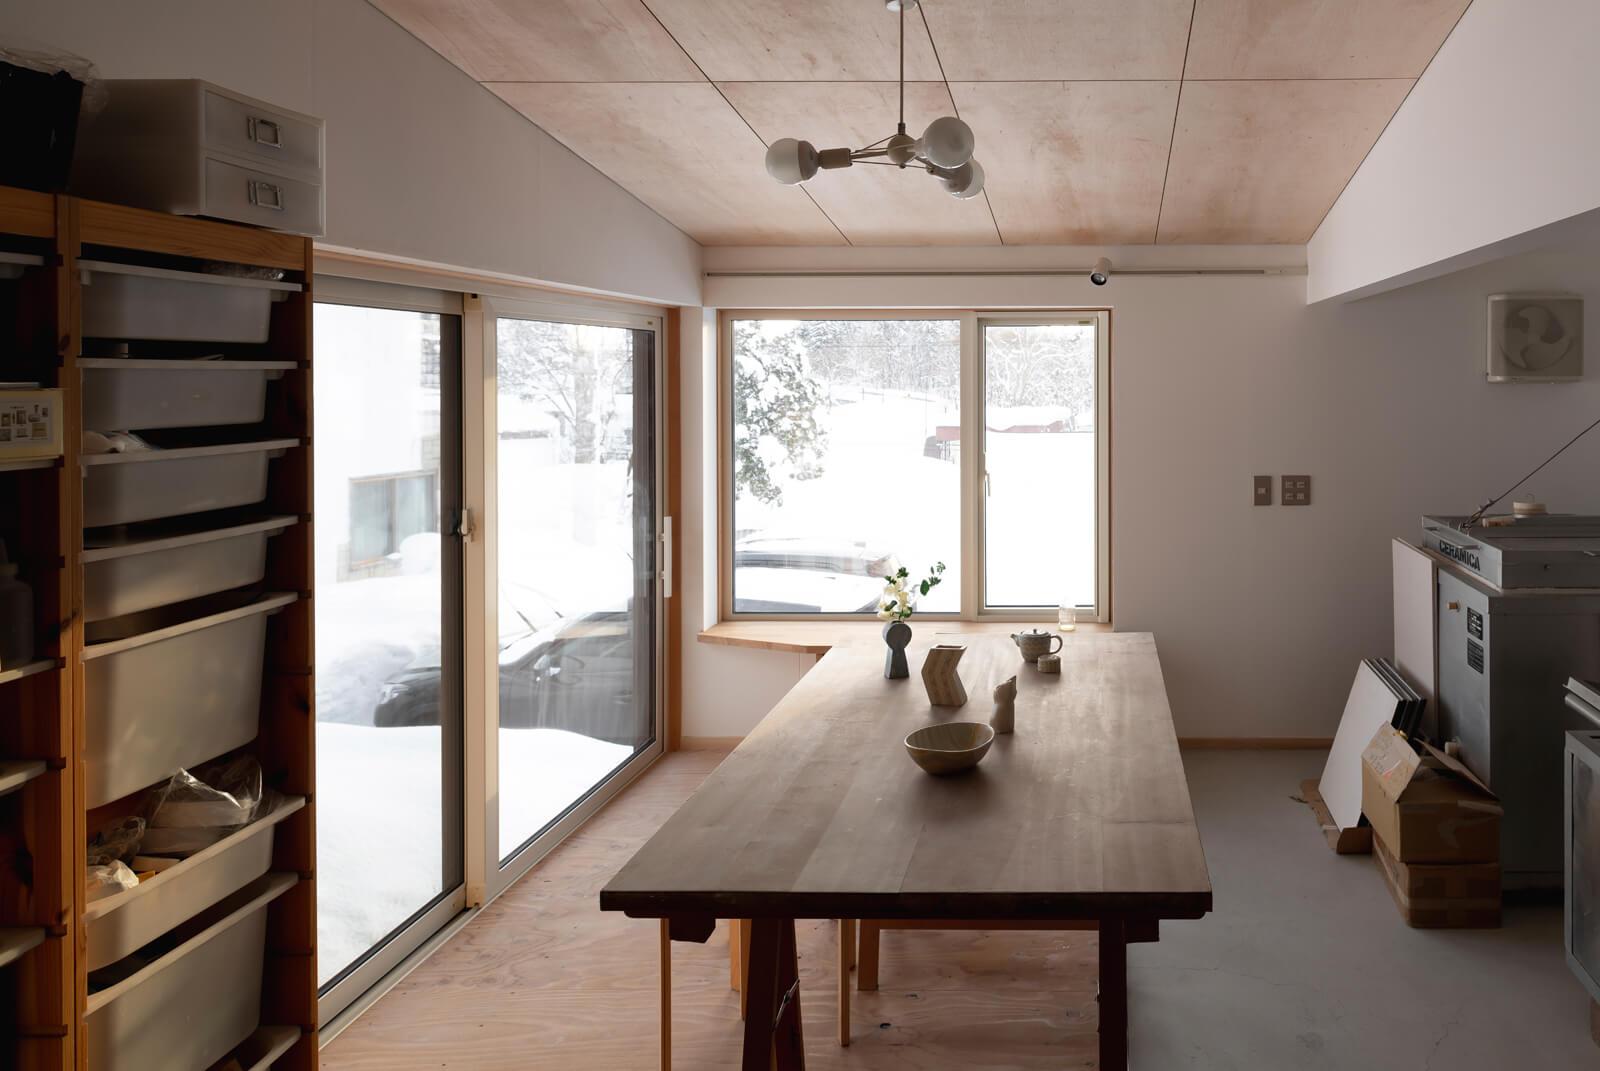 """玄関横にある奥さんの陶芸アトリエは、ラワンべニヤやカラマツの構造用合板、石膏ボートなどを採用。これからの創作活動で空間に""""らしさ""""が加えられるよう、あえてラフに仕上げた"""